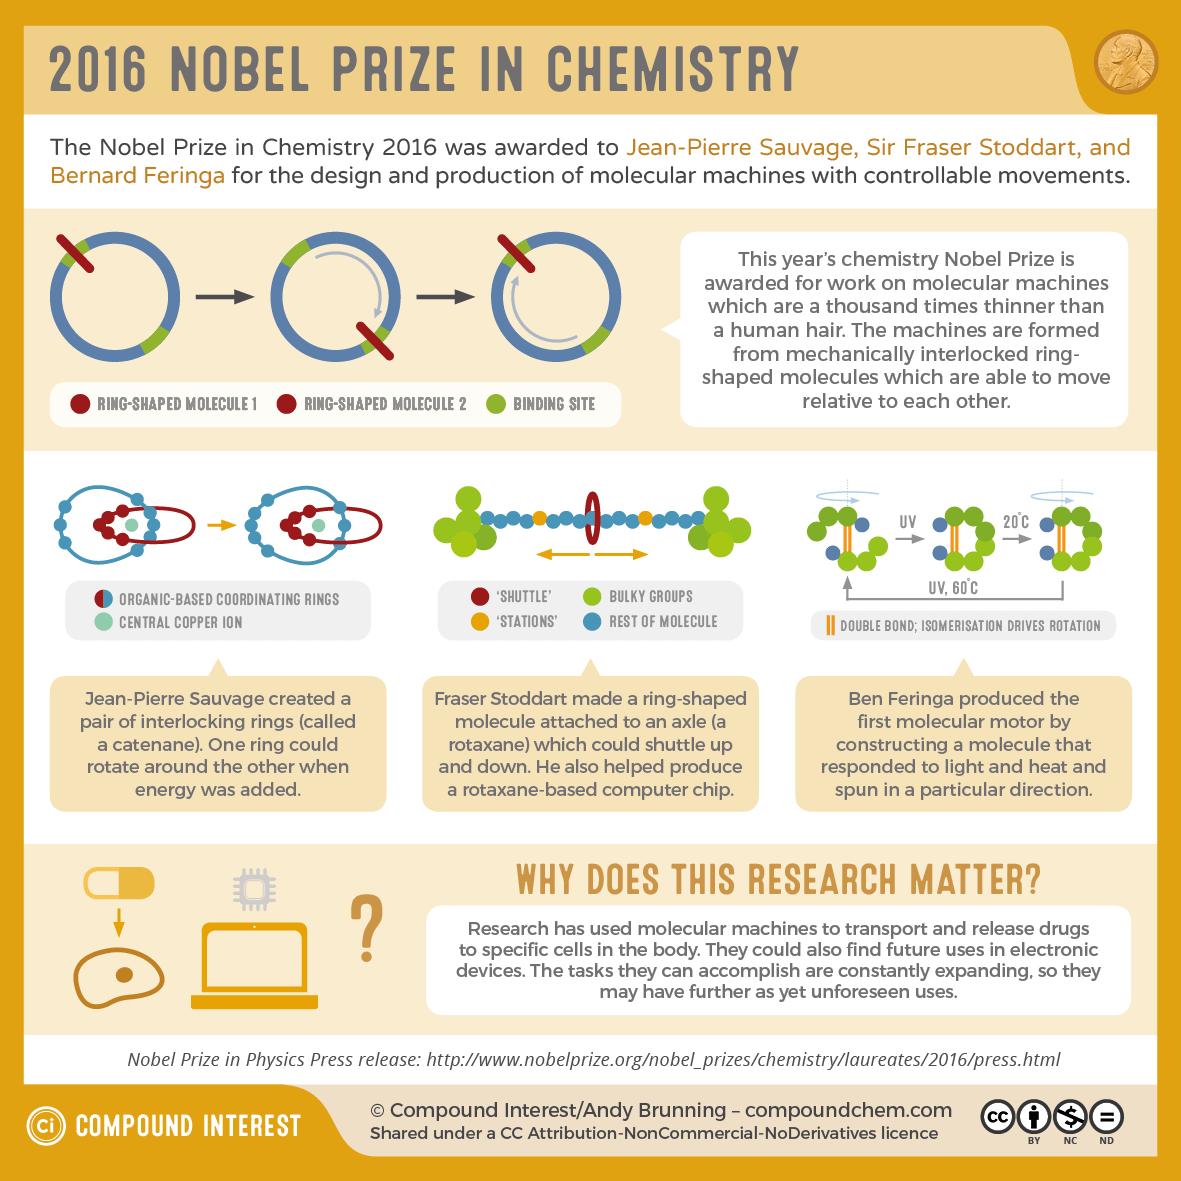 The 2016 Nobel Prize in Chemistry